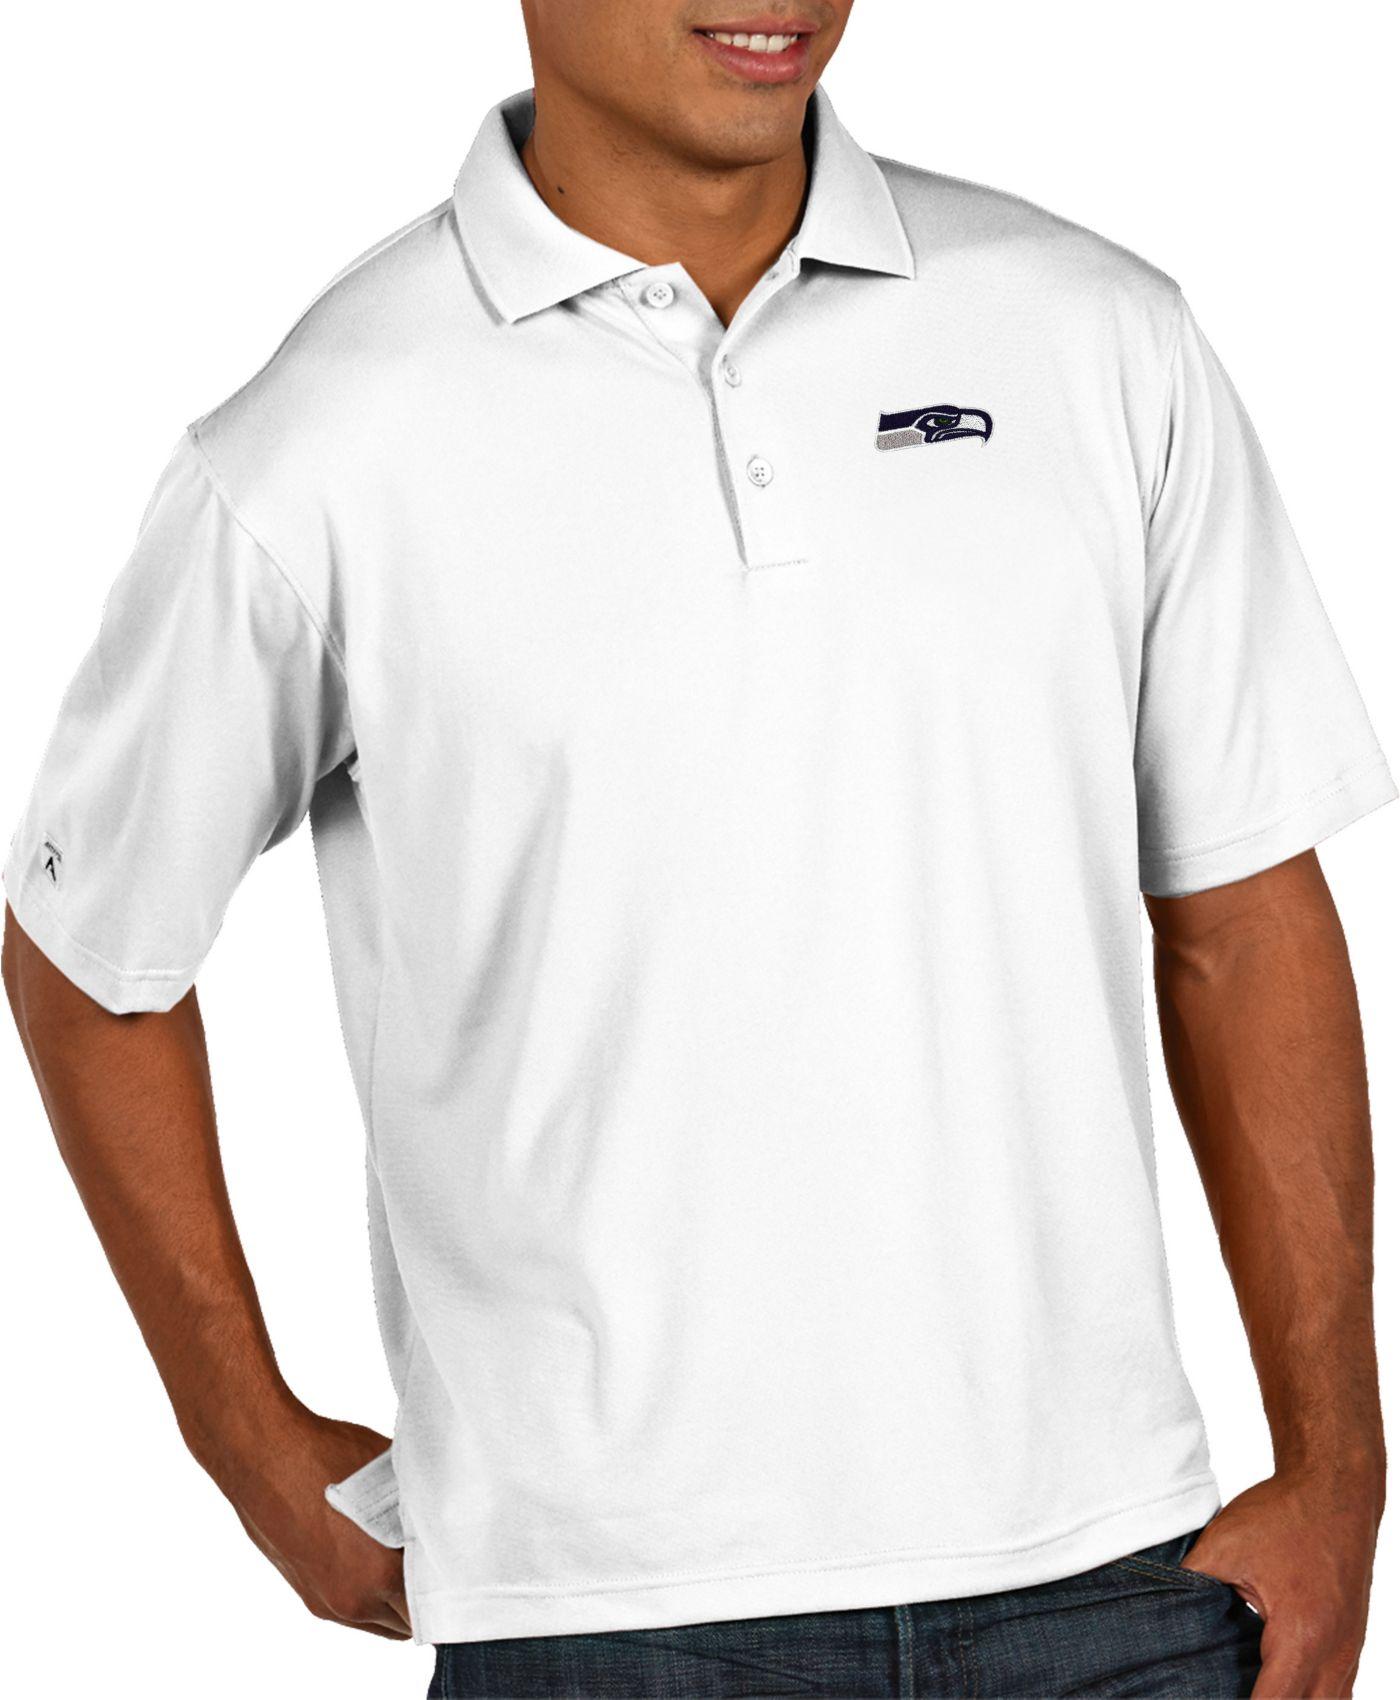 Antigua Men's Seattle Seahawks Pique Xtra-Lite Performance White Polo